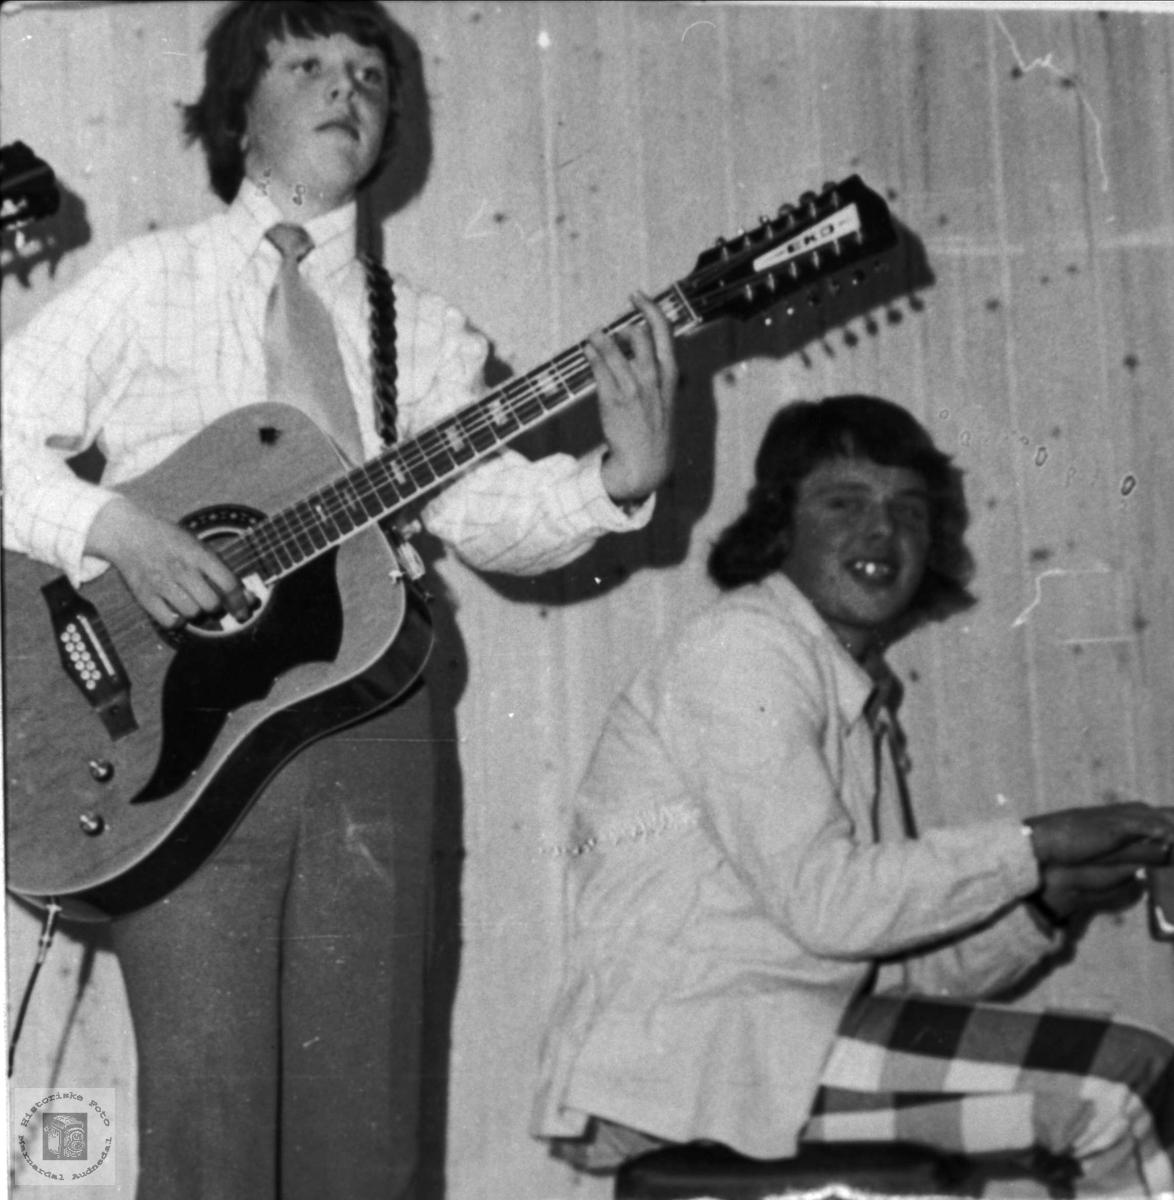 Gitar og piano. Terje og Geir Lauvdal.